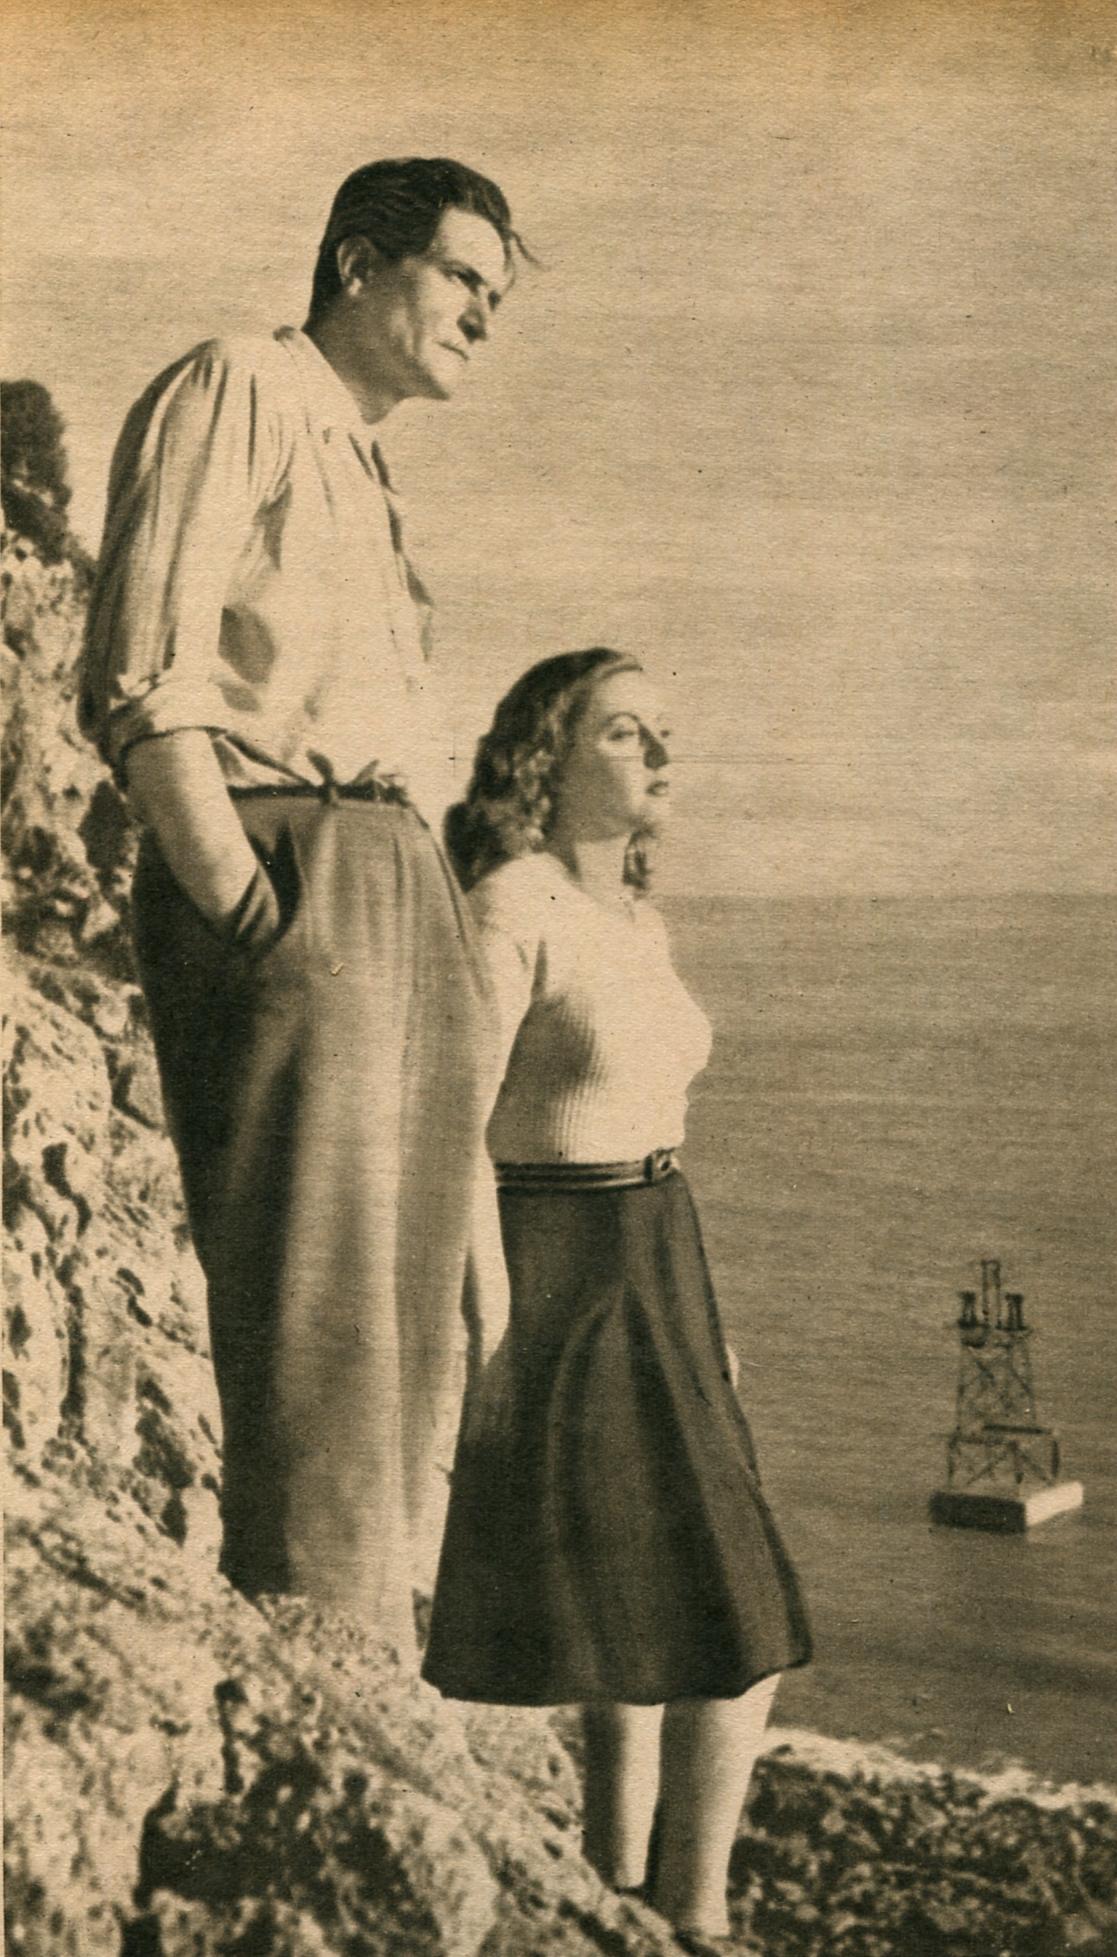 Clément Duhour and Viviane Romance in La maison sous la mer (1947)